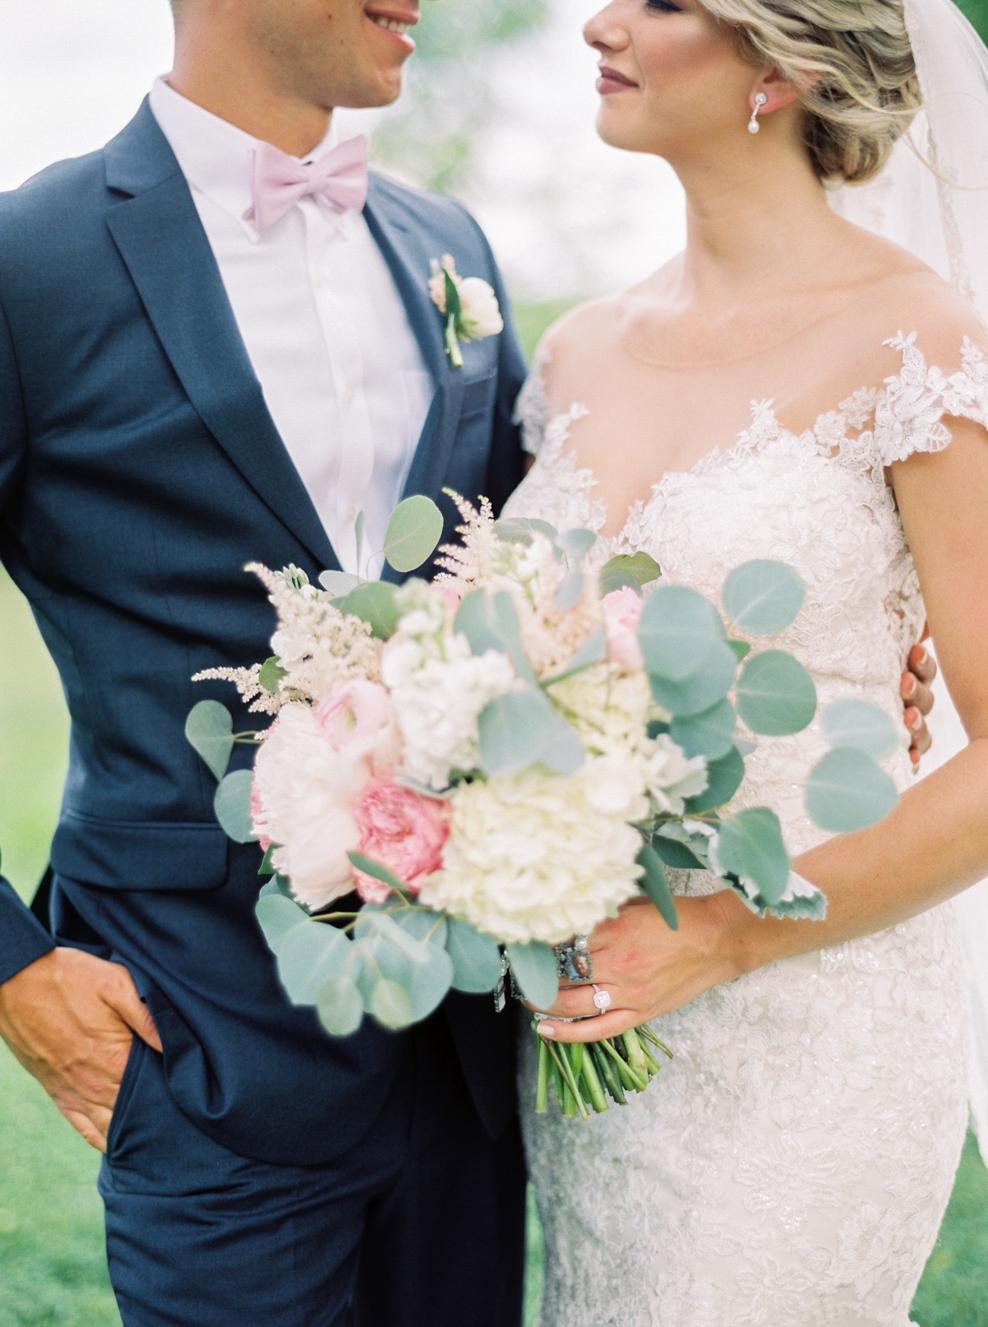 Sorella-farms-barn-wedding-venue-lynchburg-film-photographer-25.jpg